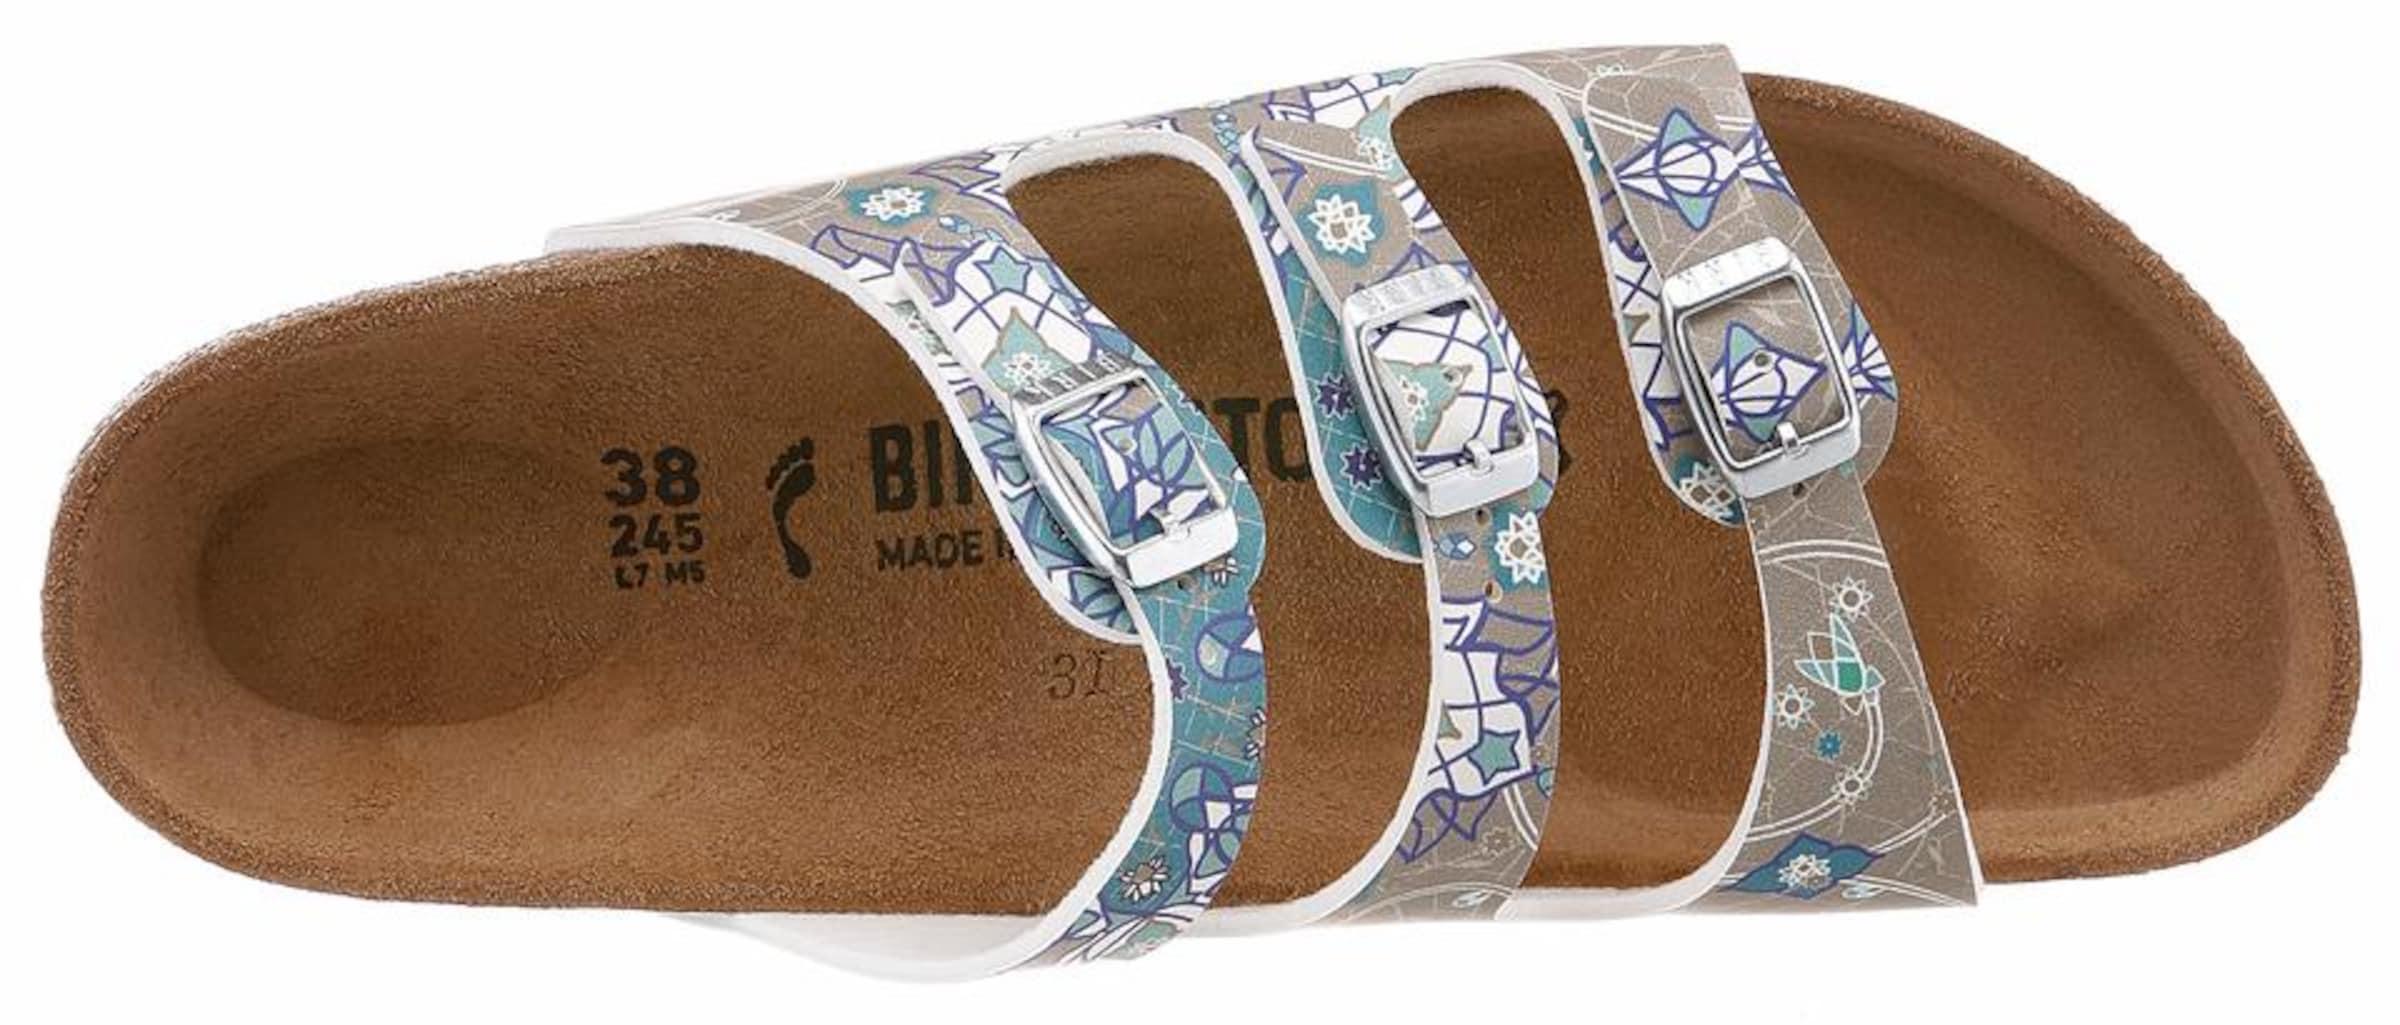 Der Günstigste Günstige Preis Freies Verschiffen Größte Lieferant BIRKENSTOCK Pantolette 'FLORIDA' Verkaufen Kaufen Footlocker Zum Verkauf Offizielle Seite Günstig Online lkcV5B